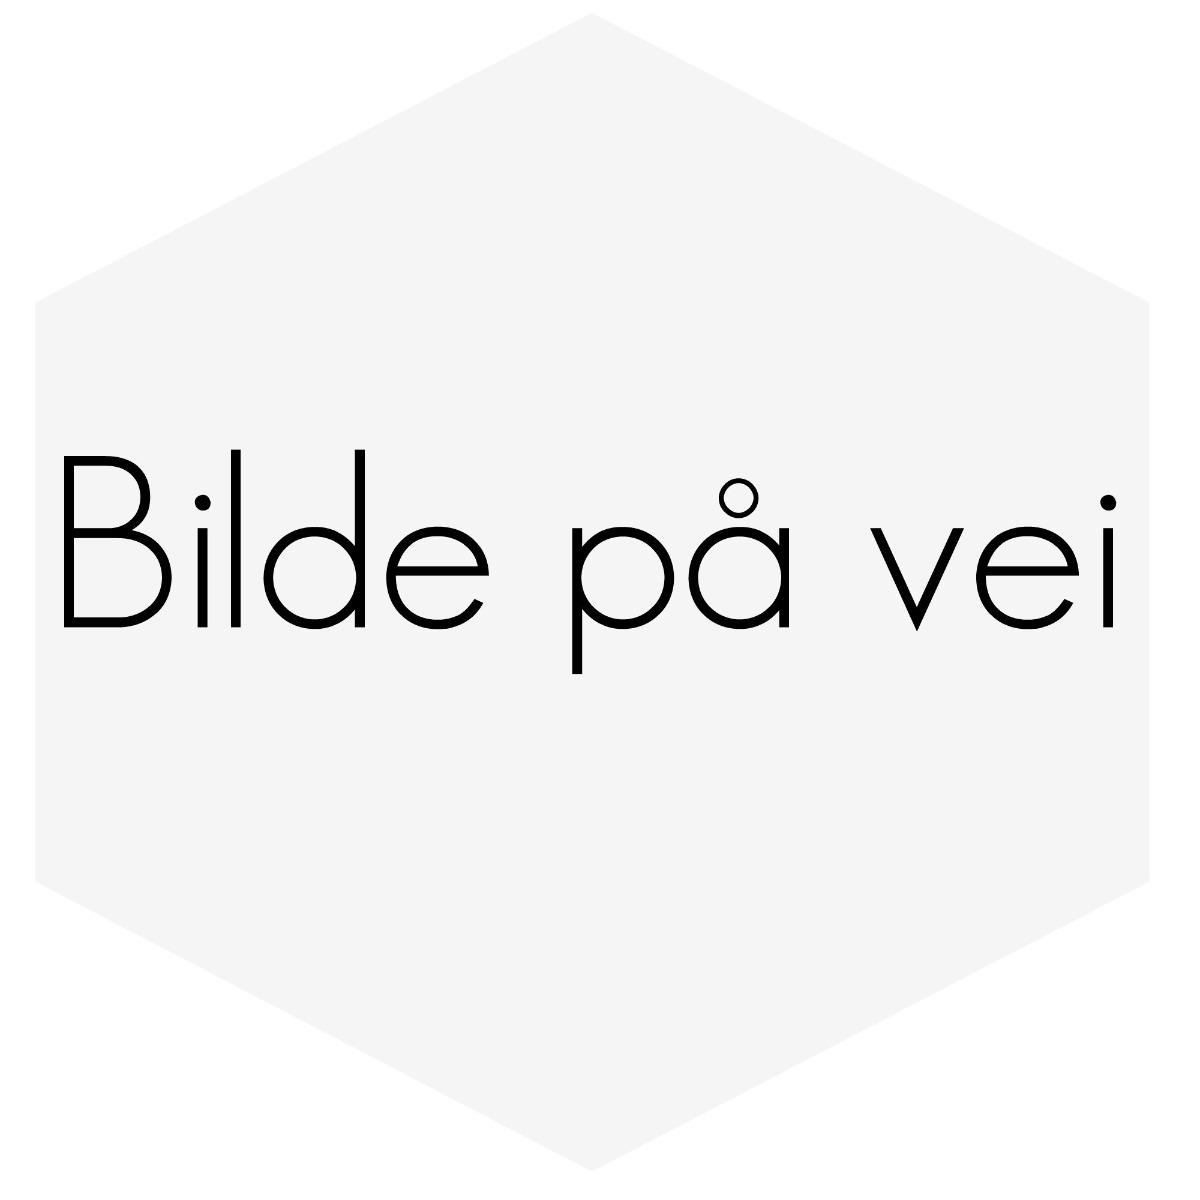 SKRUE/BOLT TIL FESTE SVINGHJUL B18/20/30 >>73 (6BOLT TYPE)